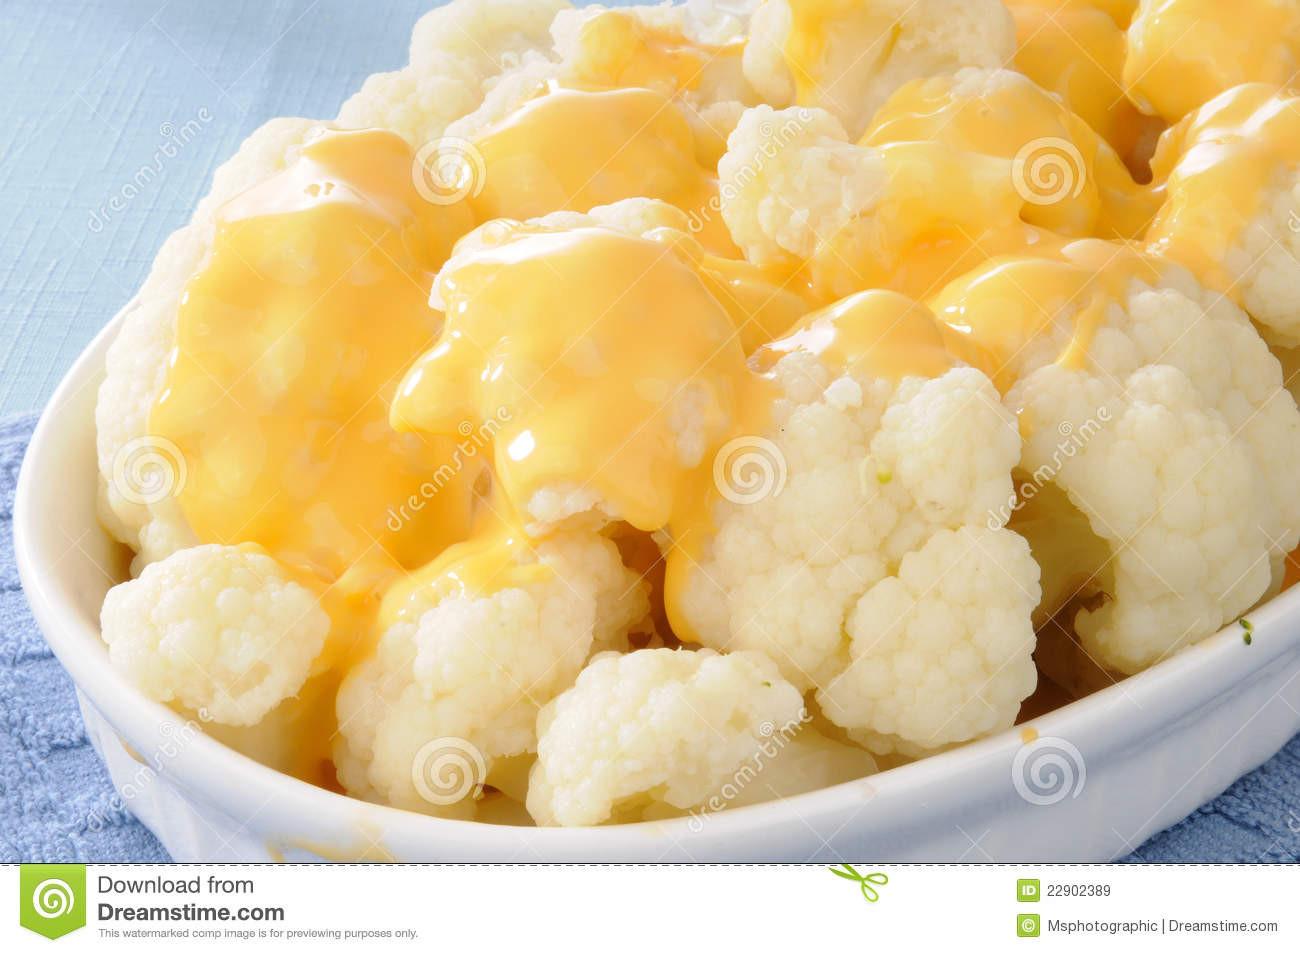 Cheese Sauce For Cauliflower  Cauliflower And Cheese Sauce Stock Image Image of dish